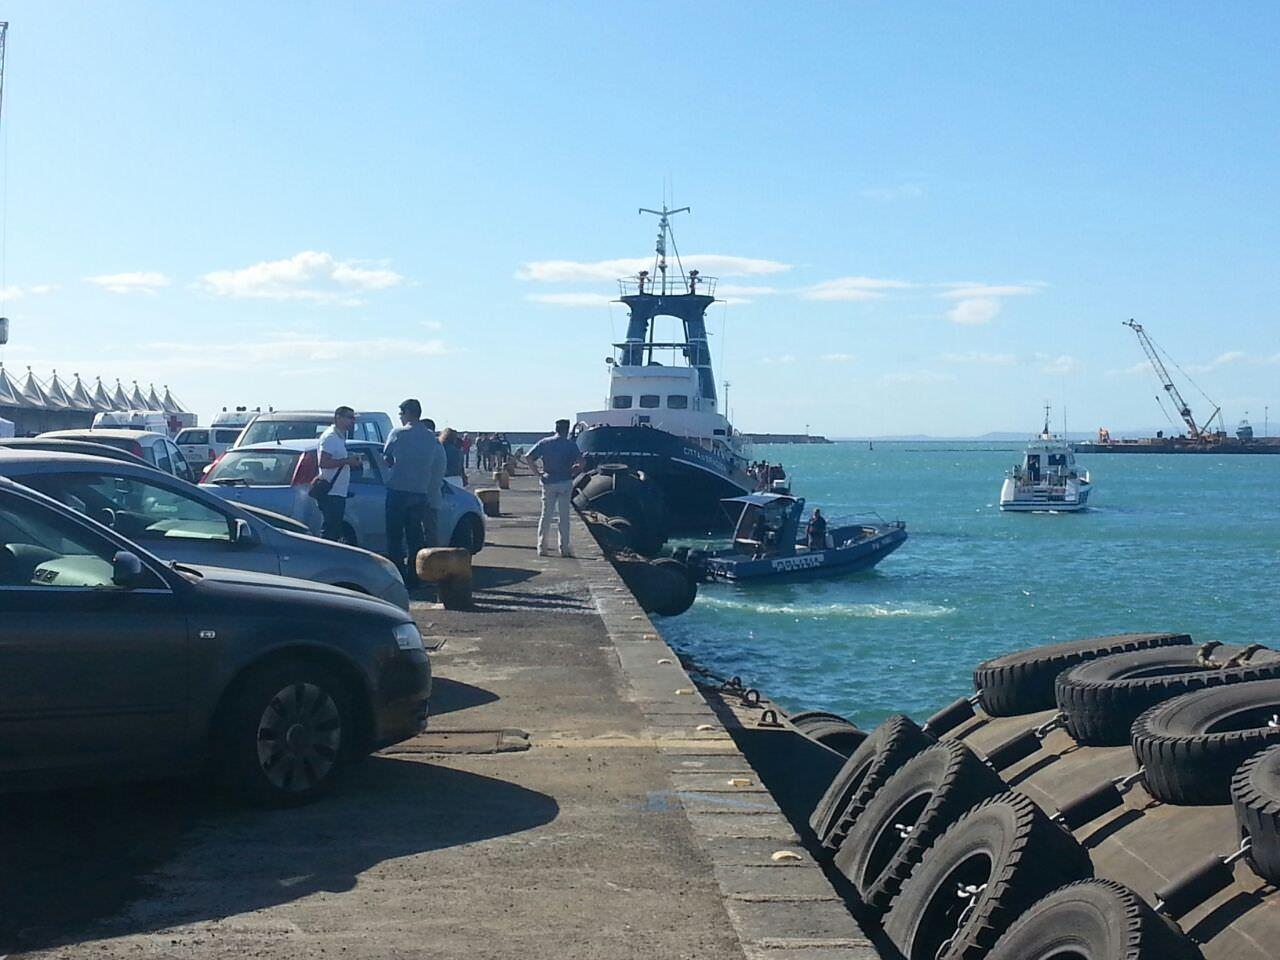 Nuova ondata di sbarchi in Sicilia. Al porto di Catania 414 migranti e 4 cadaveri